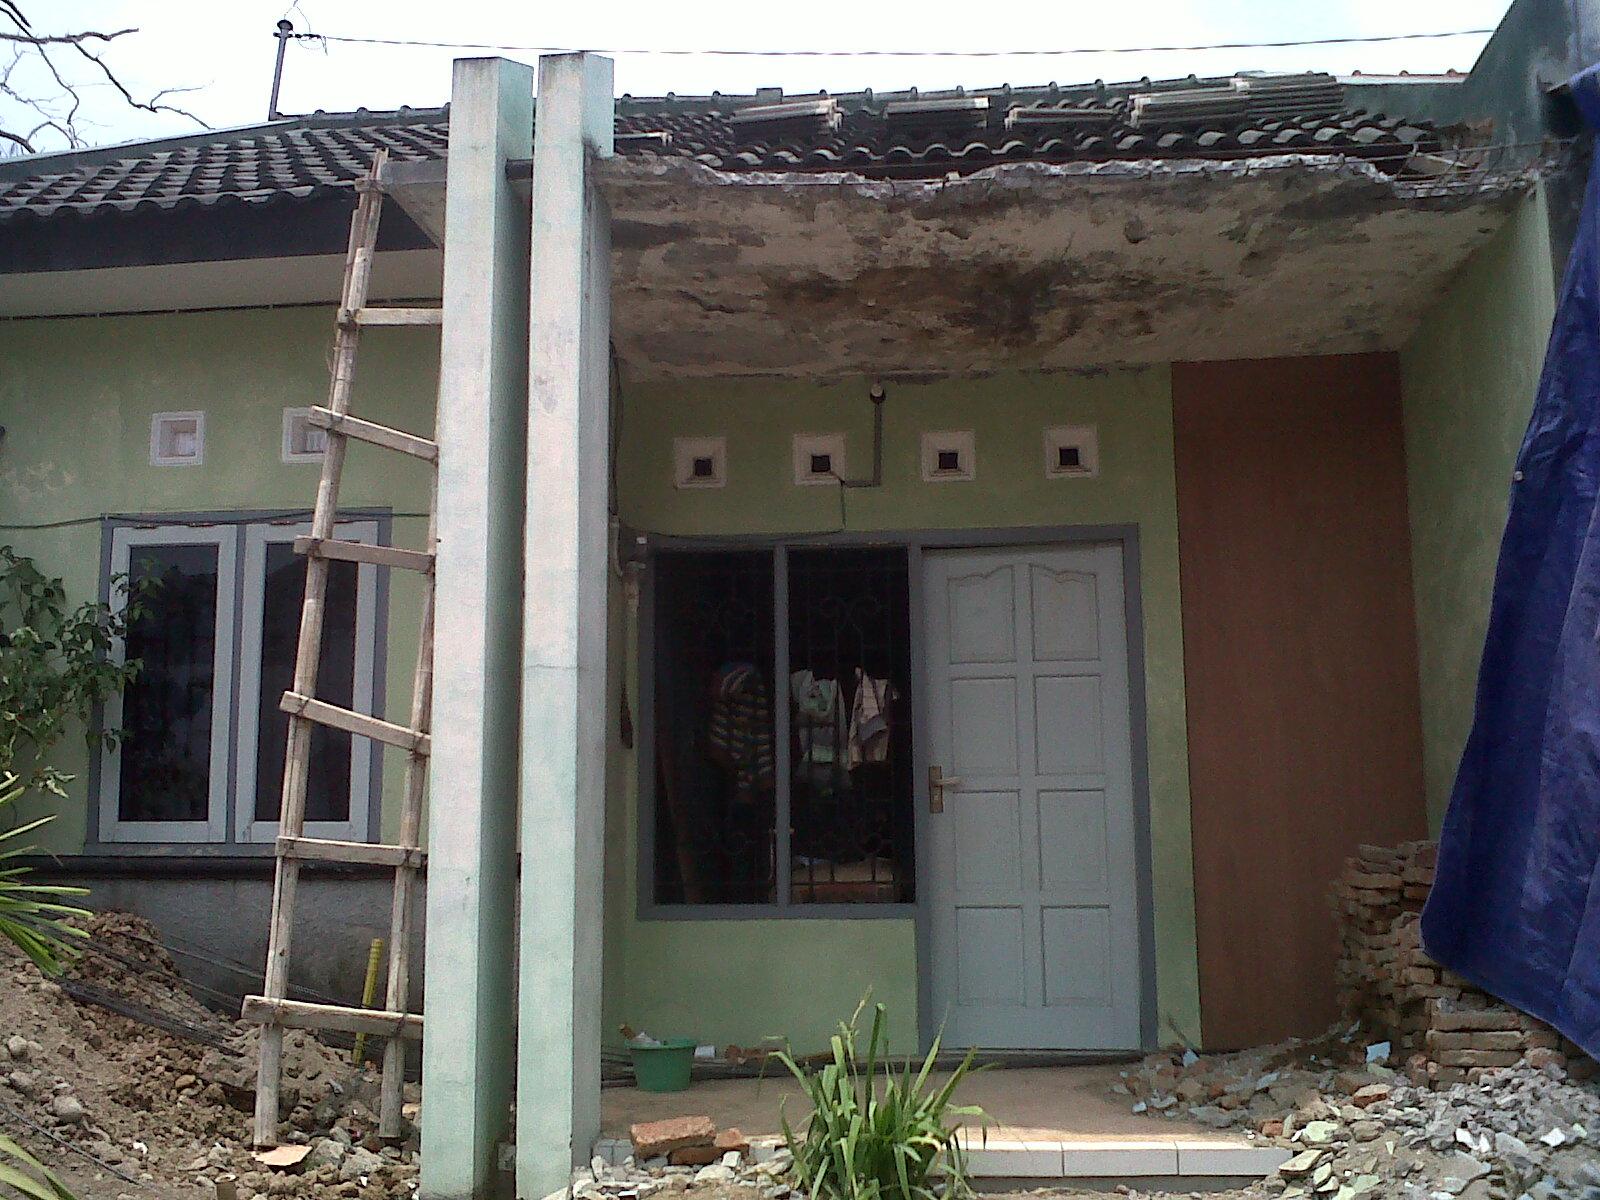 ... perjanjian kontrak pekerjaan renovasi rumah oleh Jasadesainrenovasi